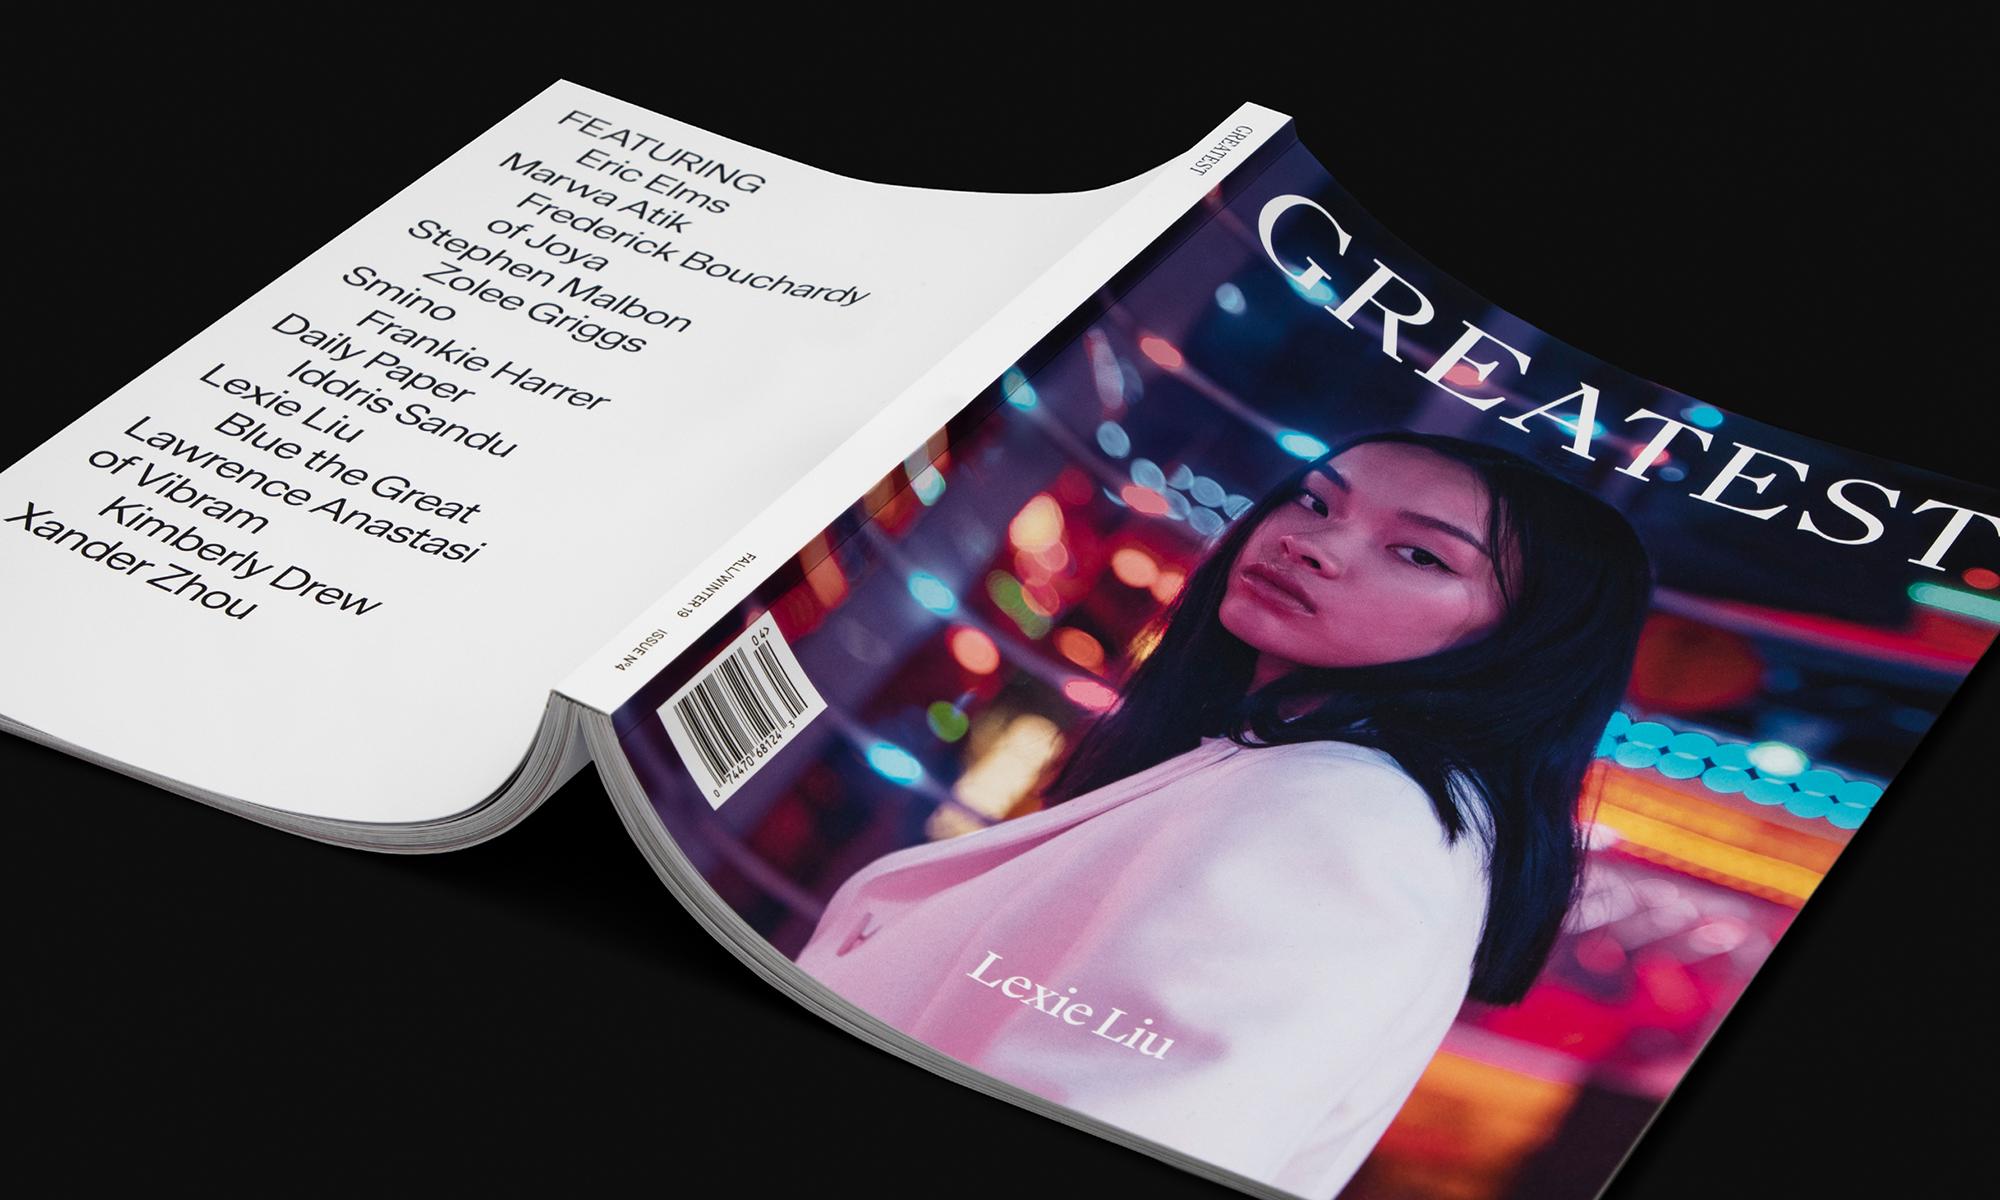 GOAT 旗下杂志《Greatest》第 4 刊发布